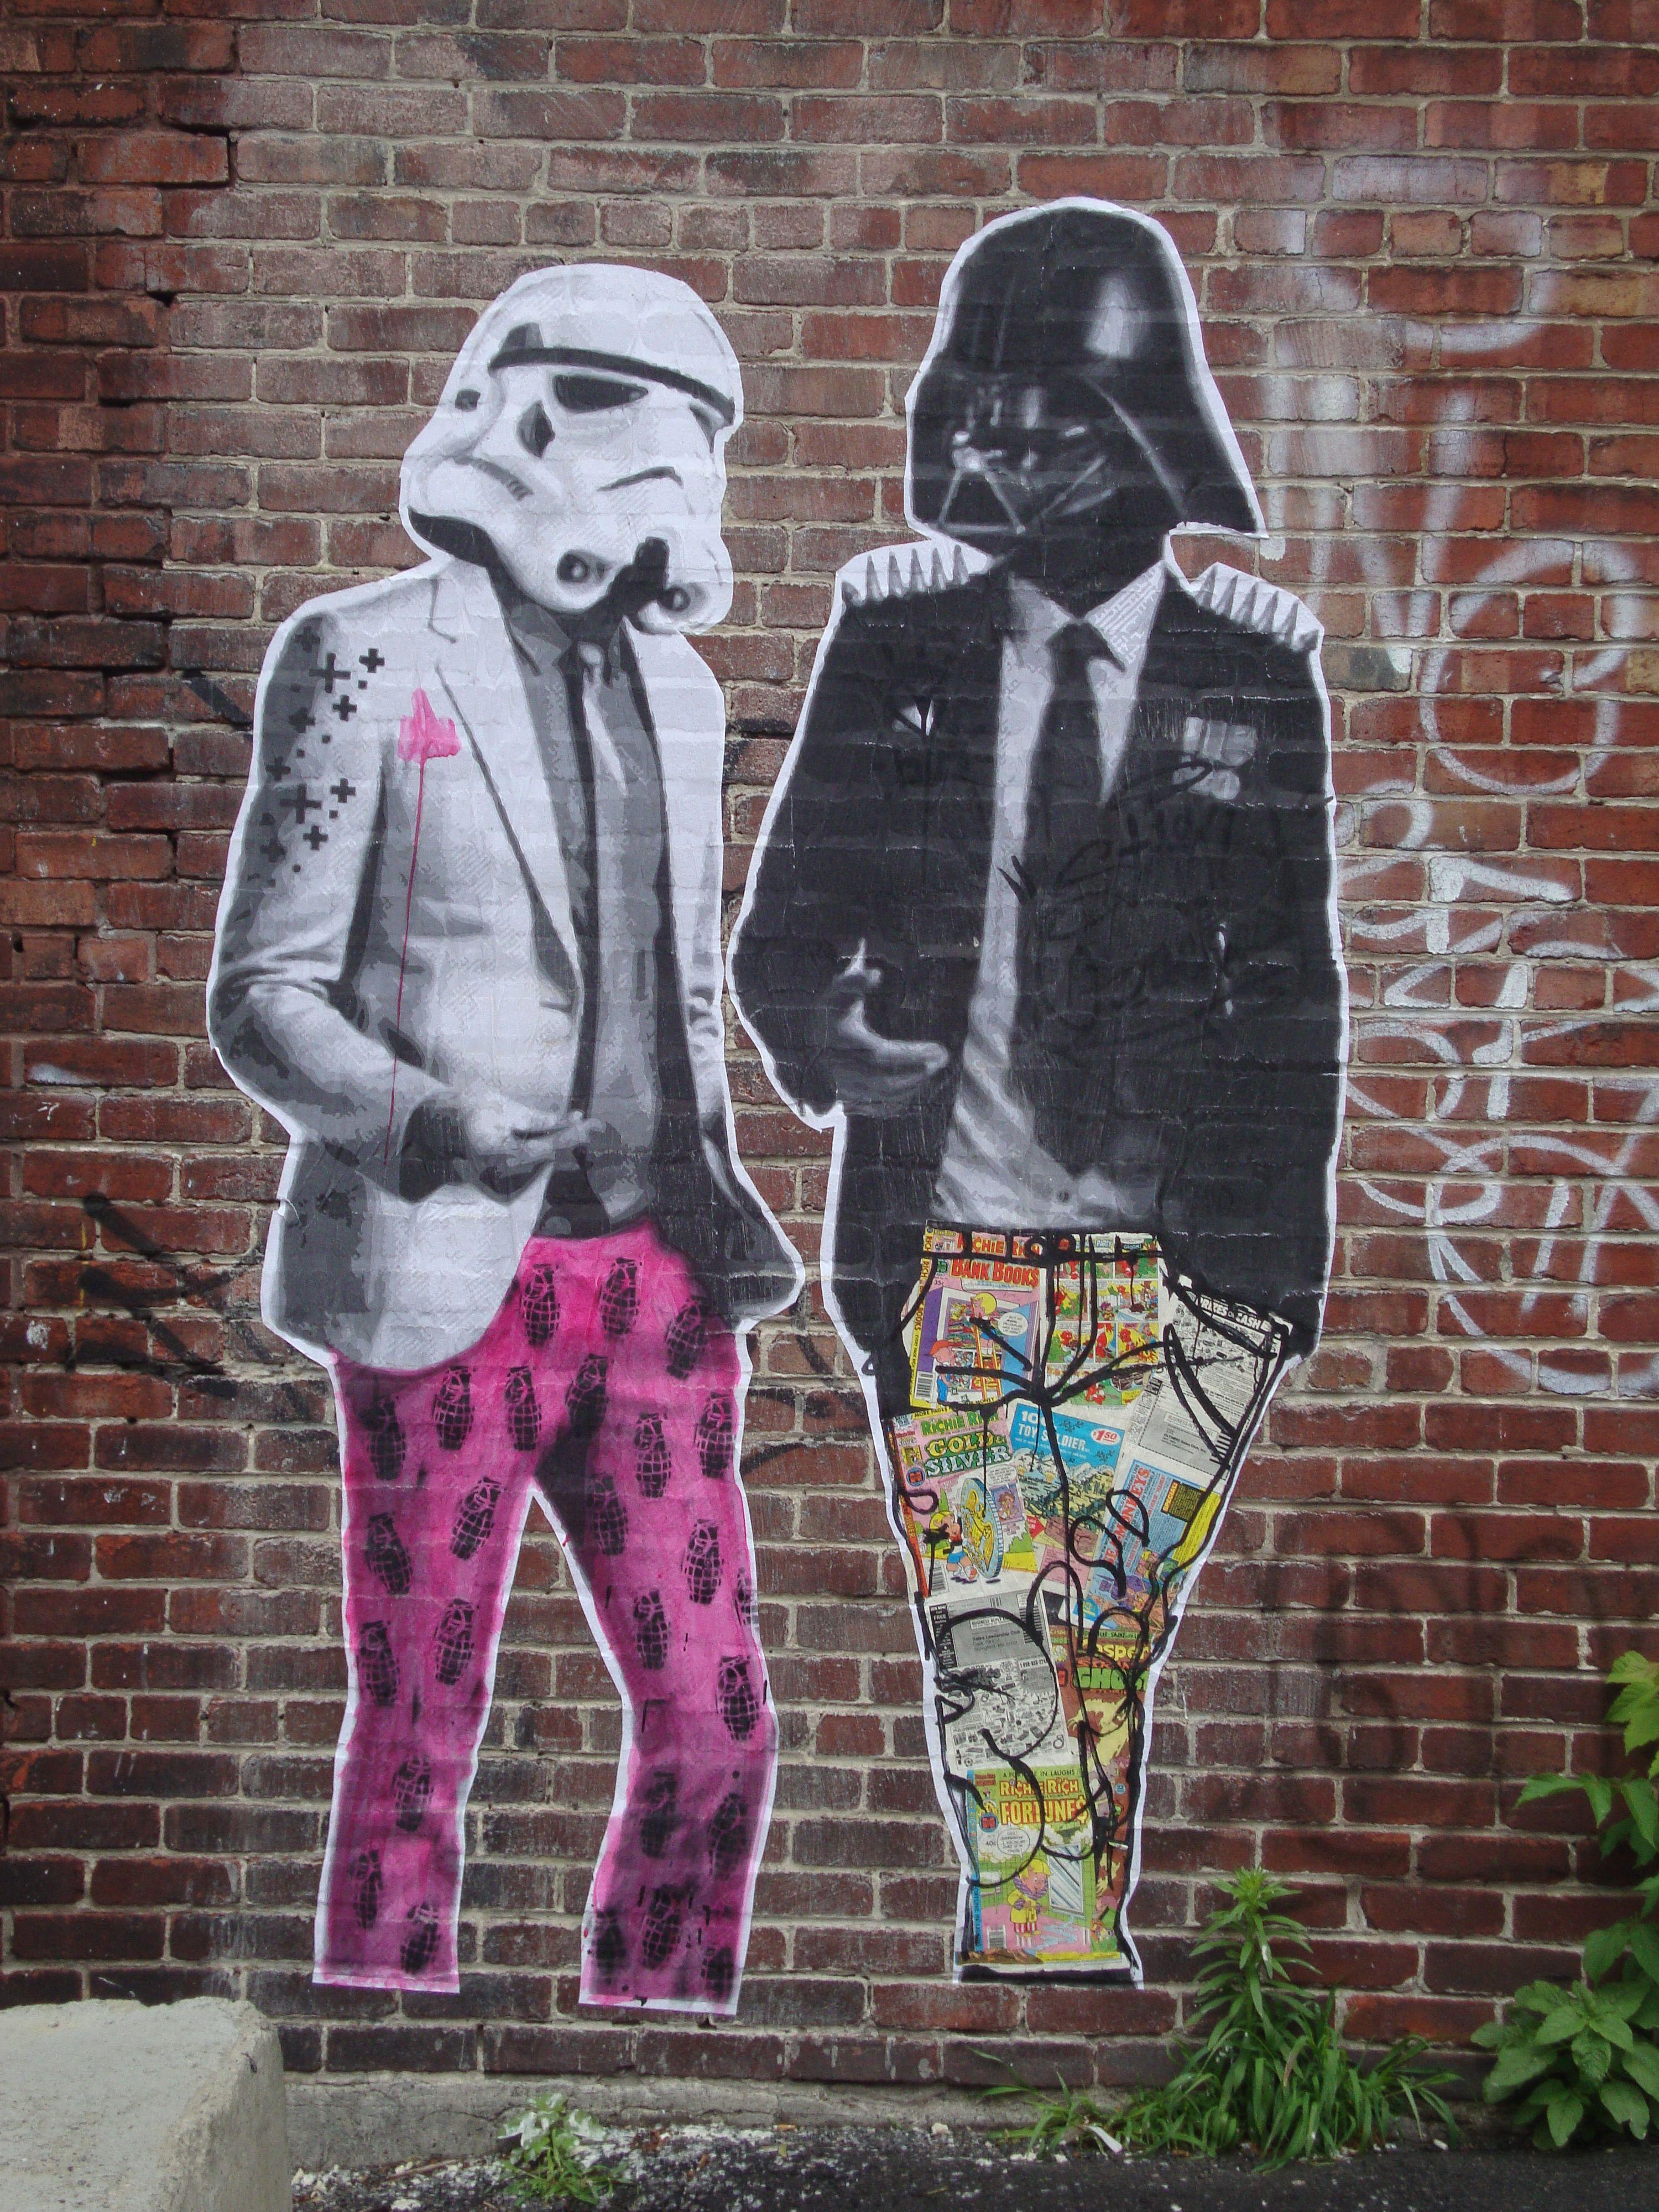 Amazing Graffiti Art  Montreal, Quebec